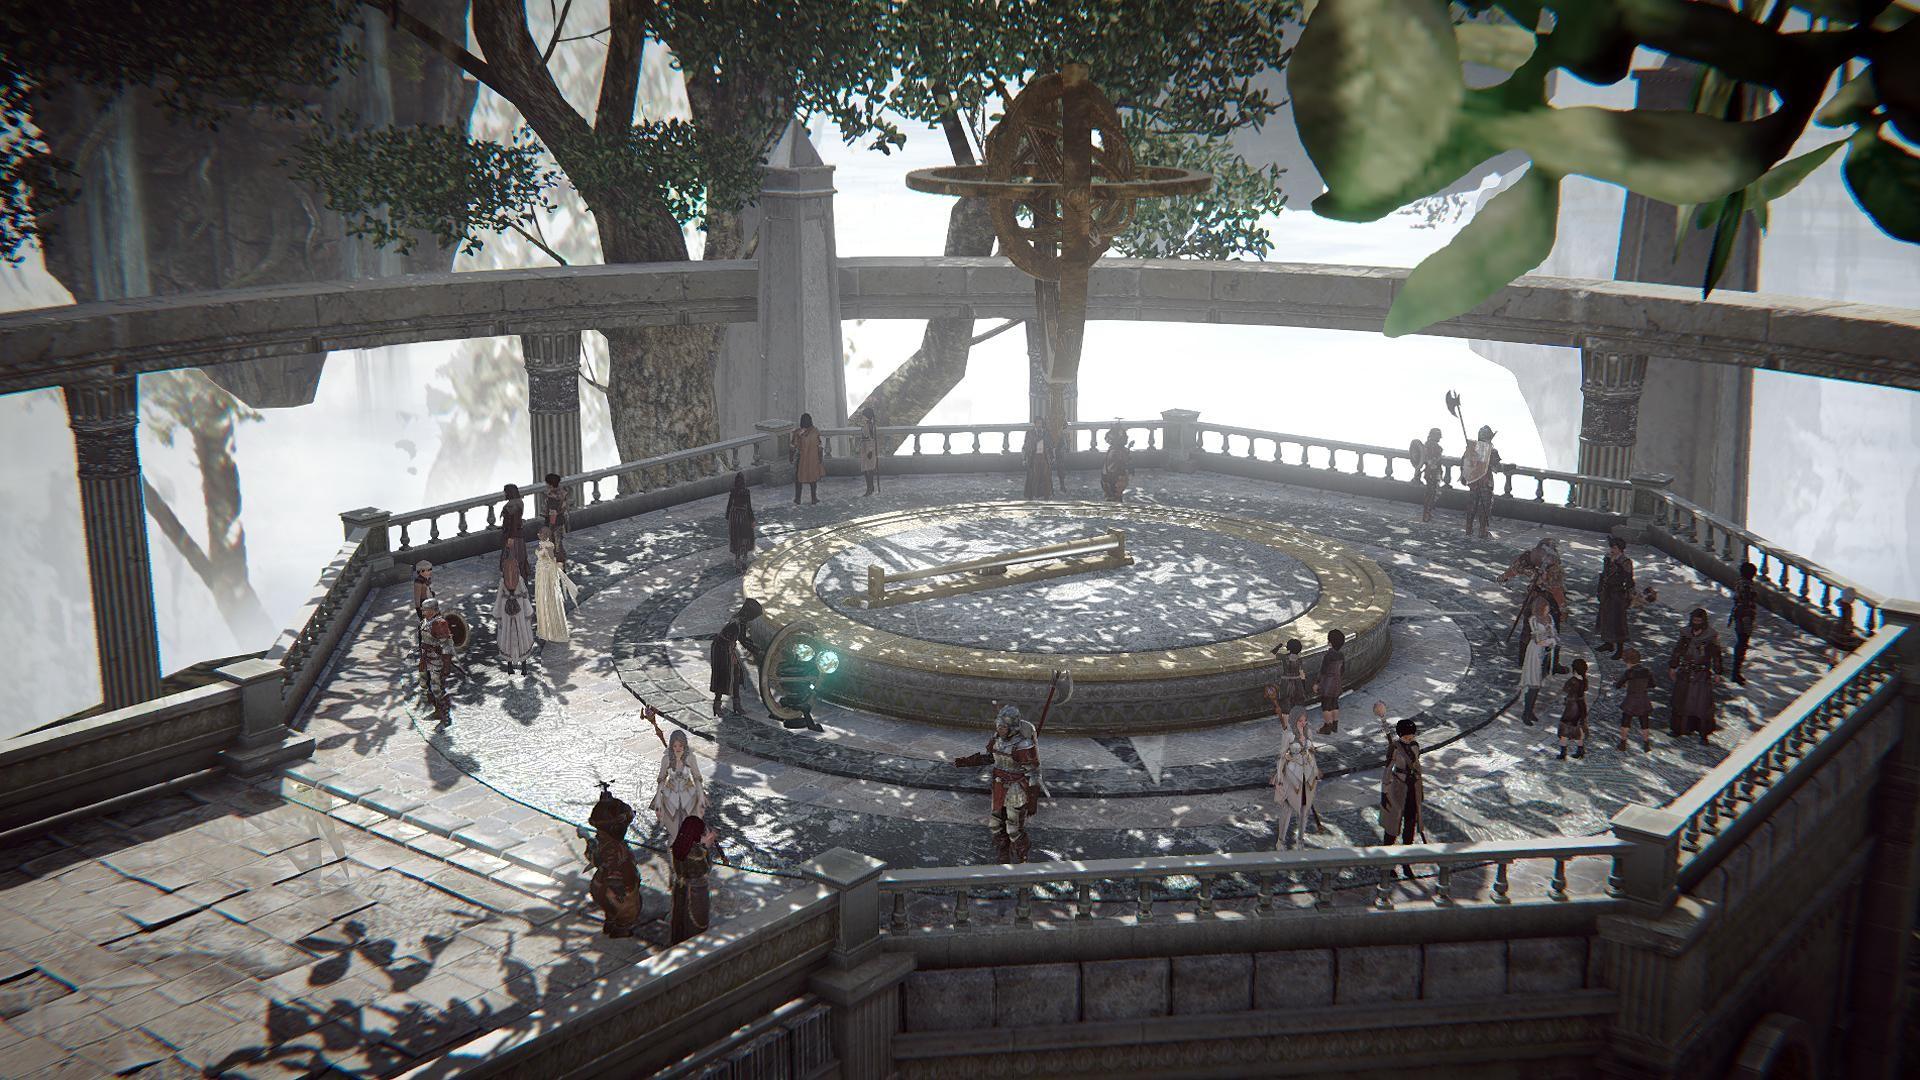 Autoři PUBG chystají novou hru, MMORPG Ascent: Infinite Realm 152521